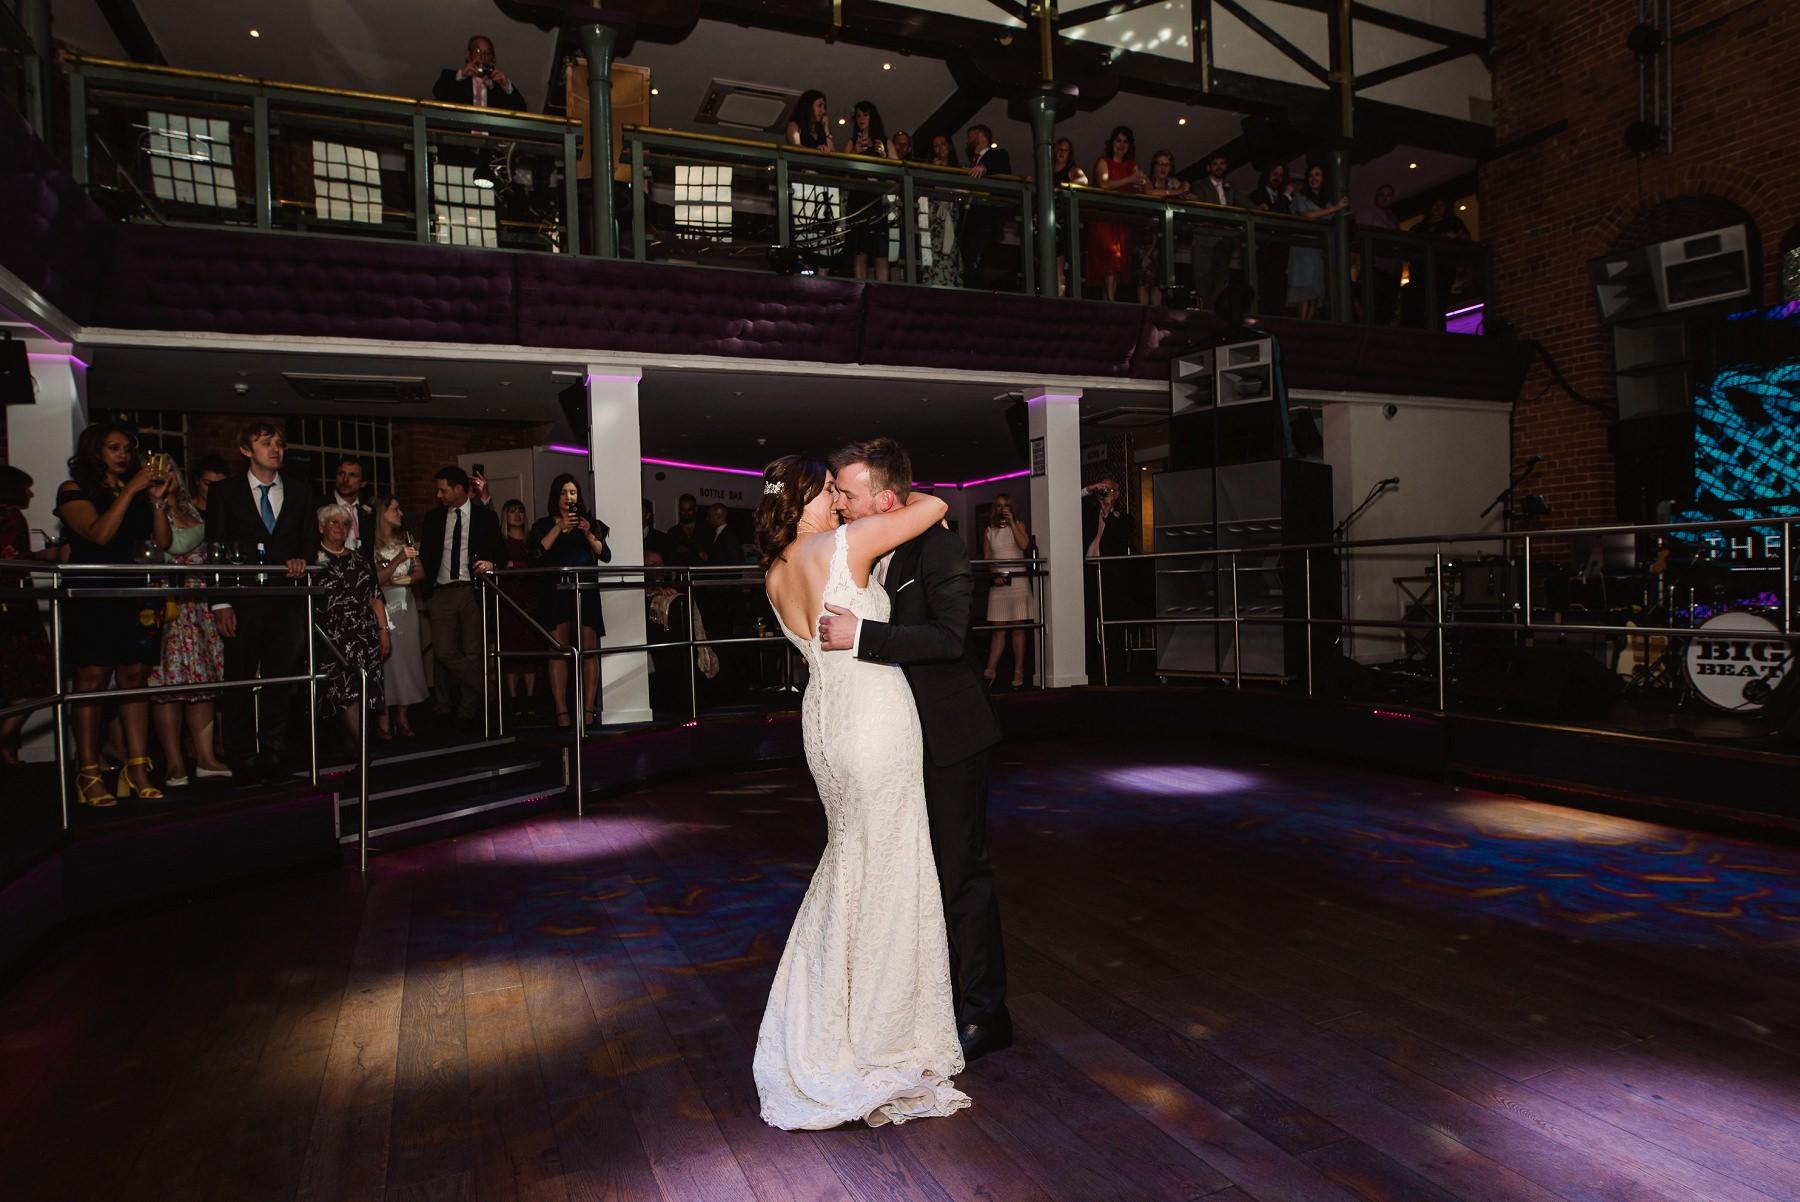 emma_steffan_wedding_buttermarket_0139.jpg